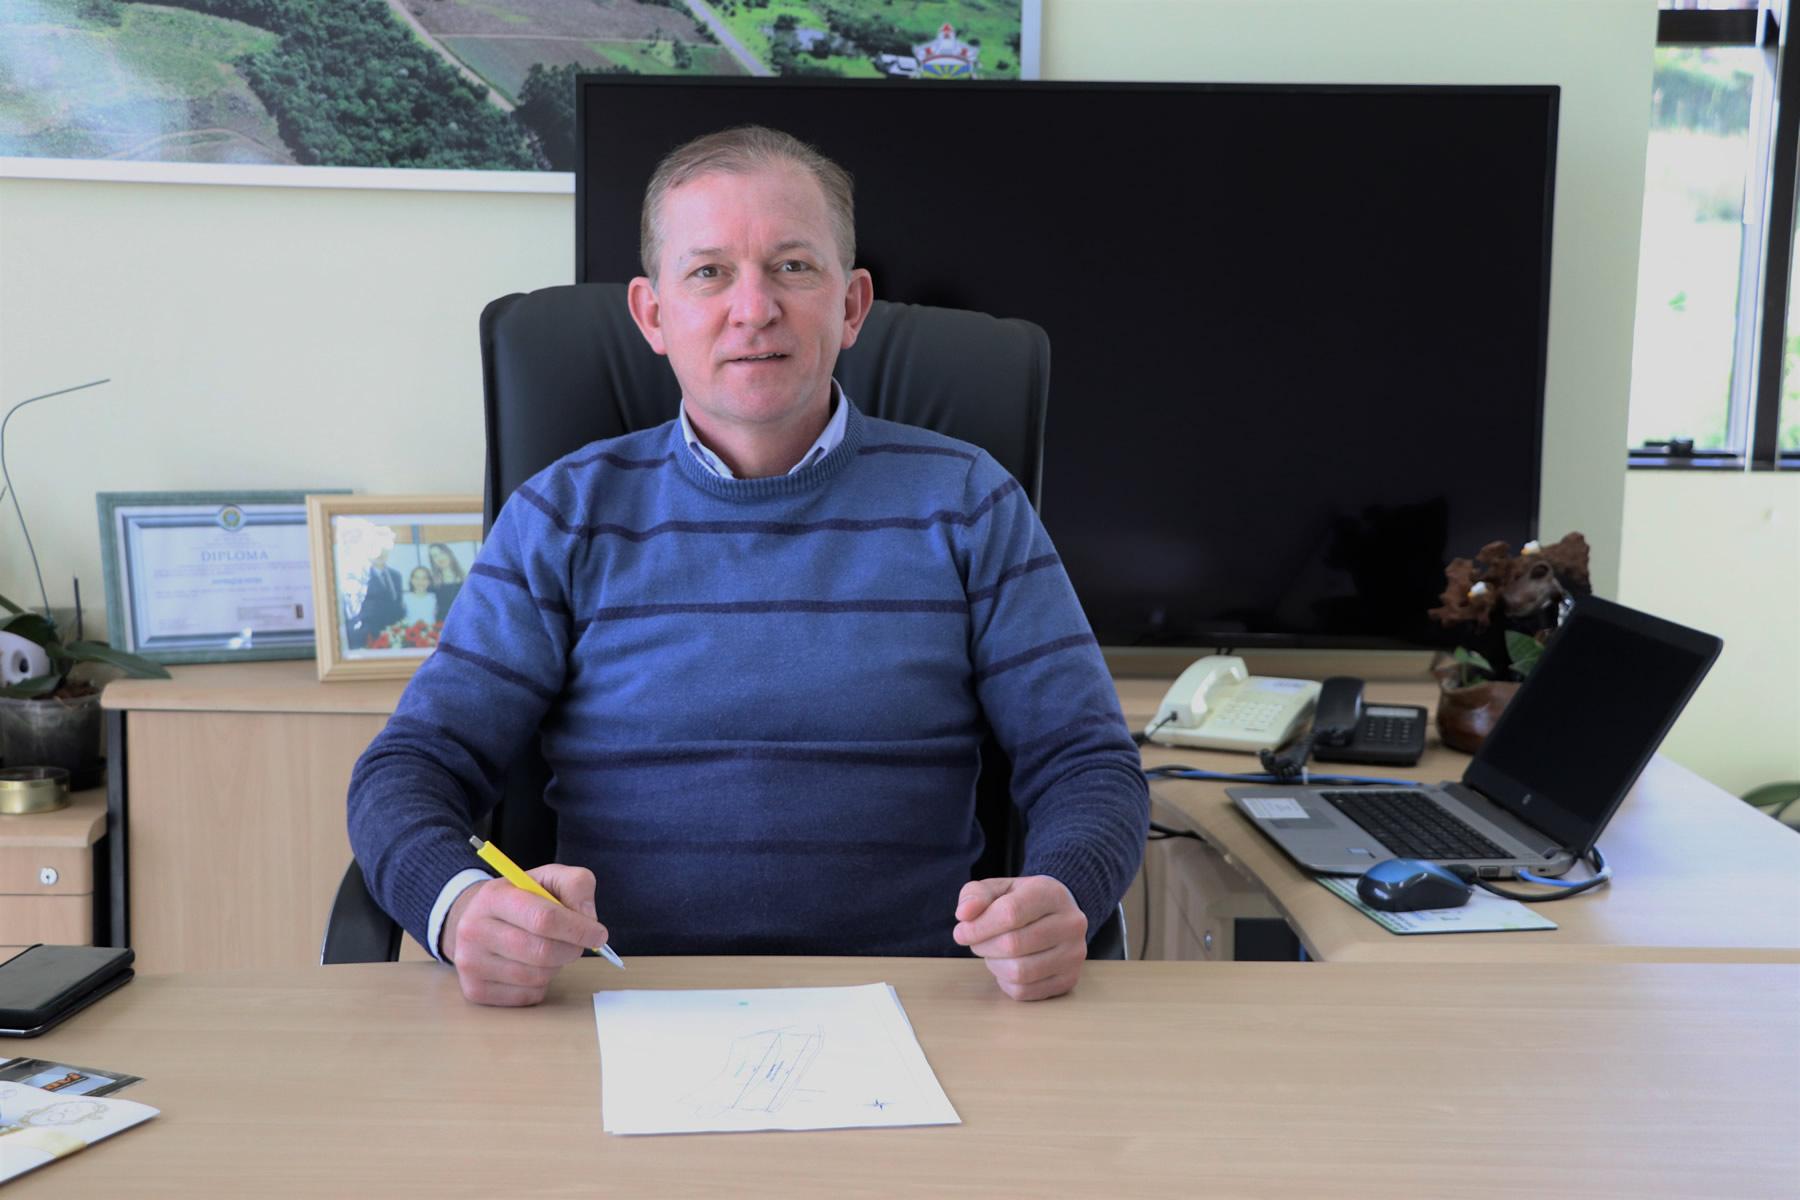 Tribunal de Contas do Estado avaliou transparência dos municípios